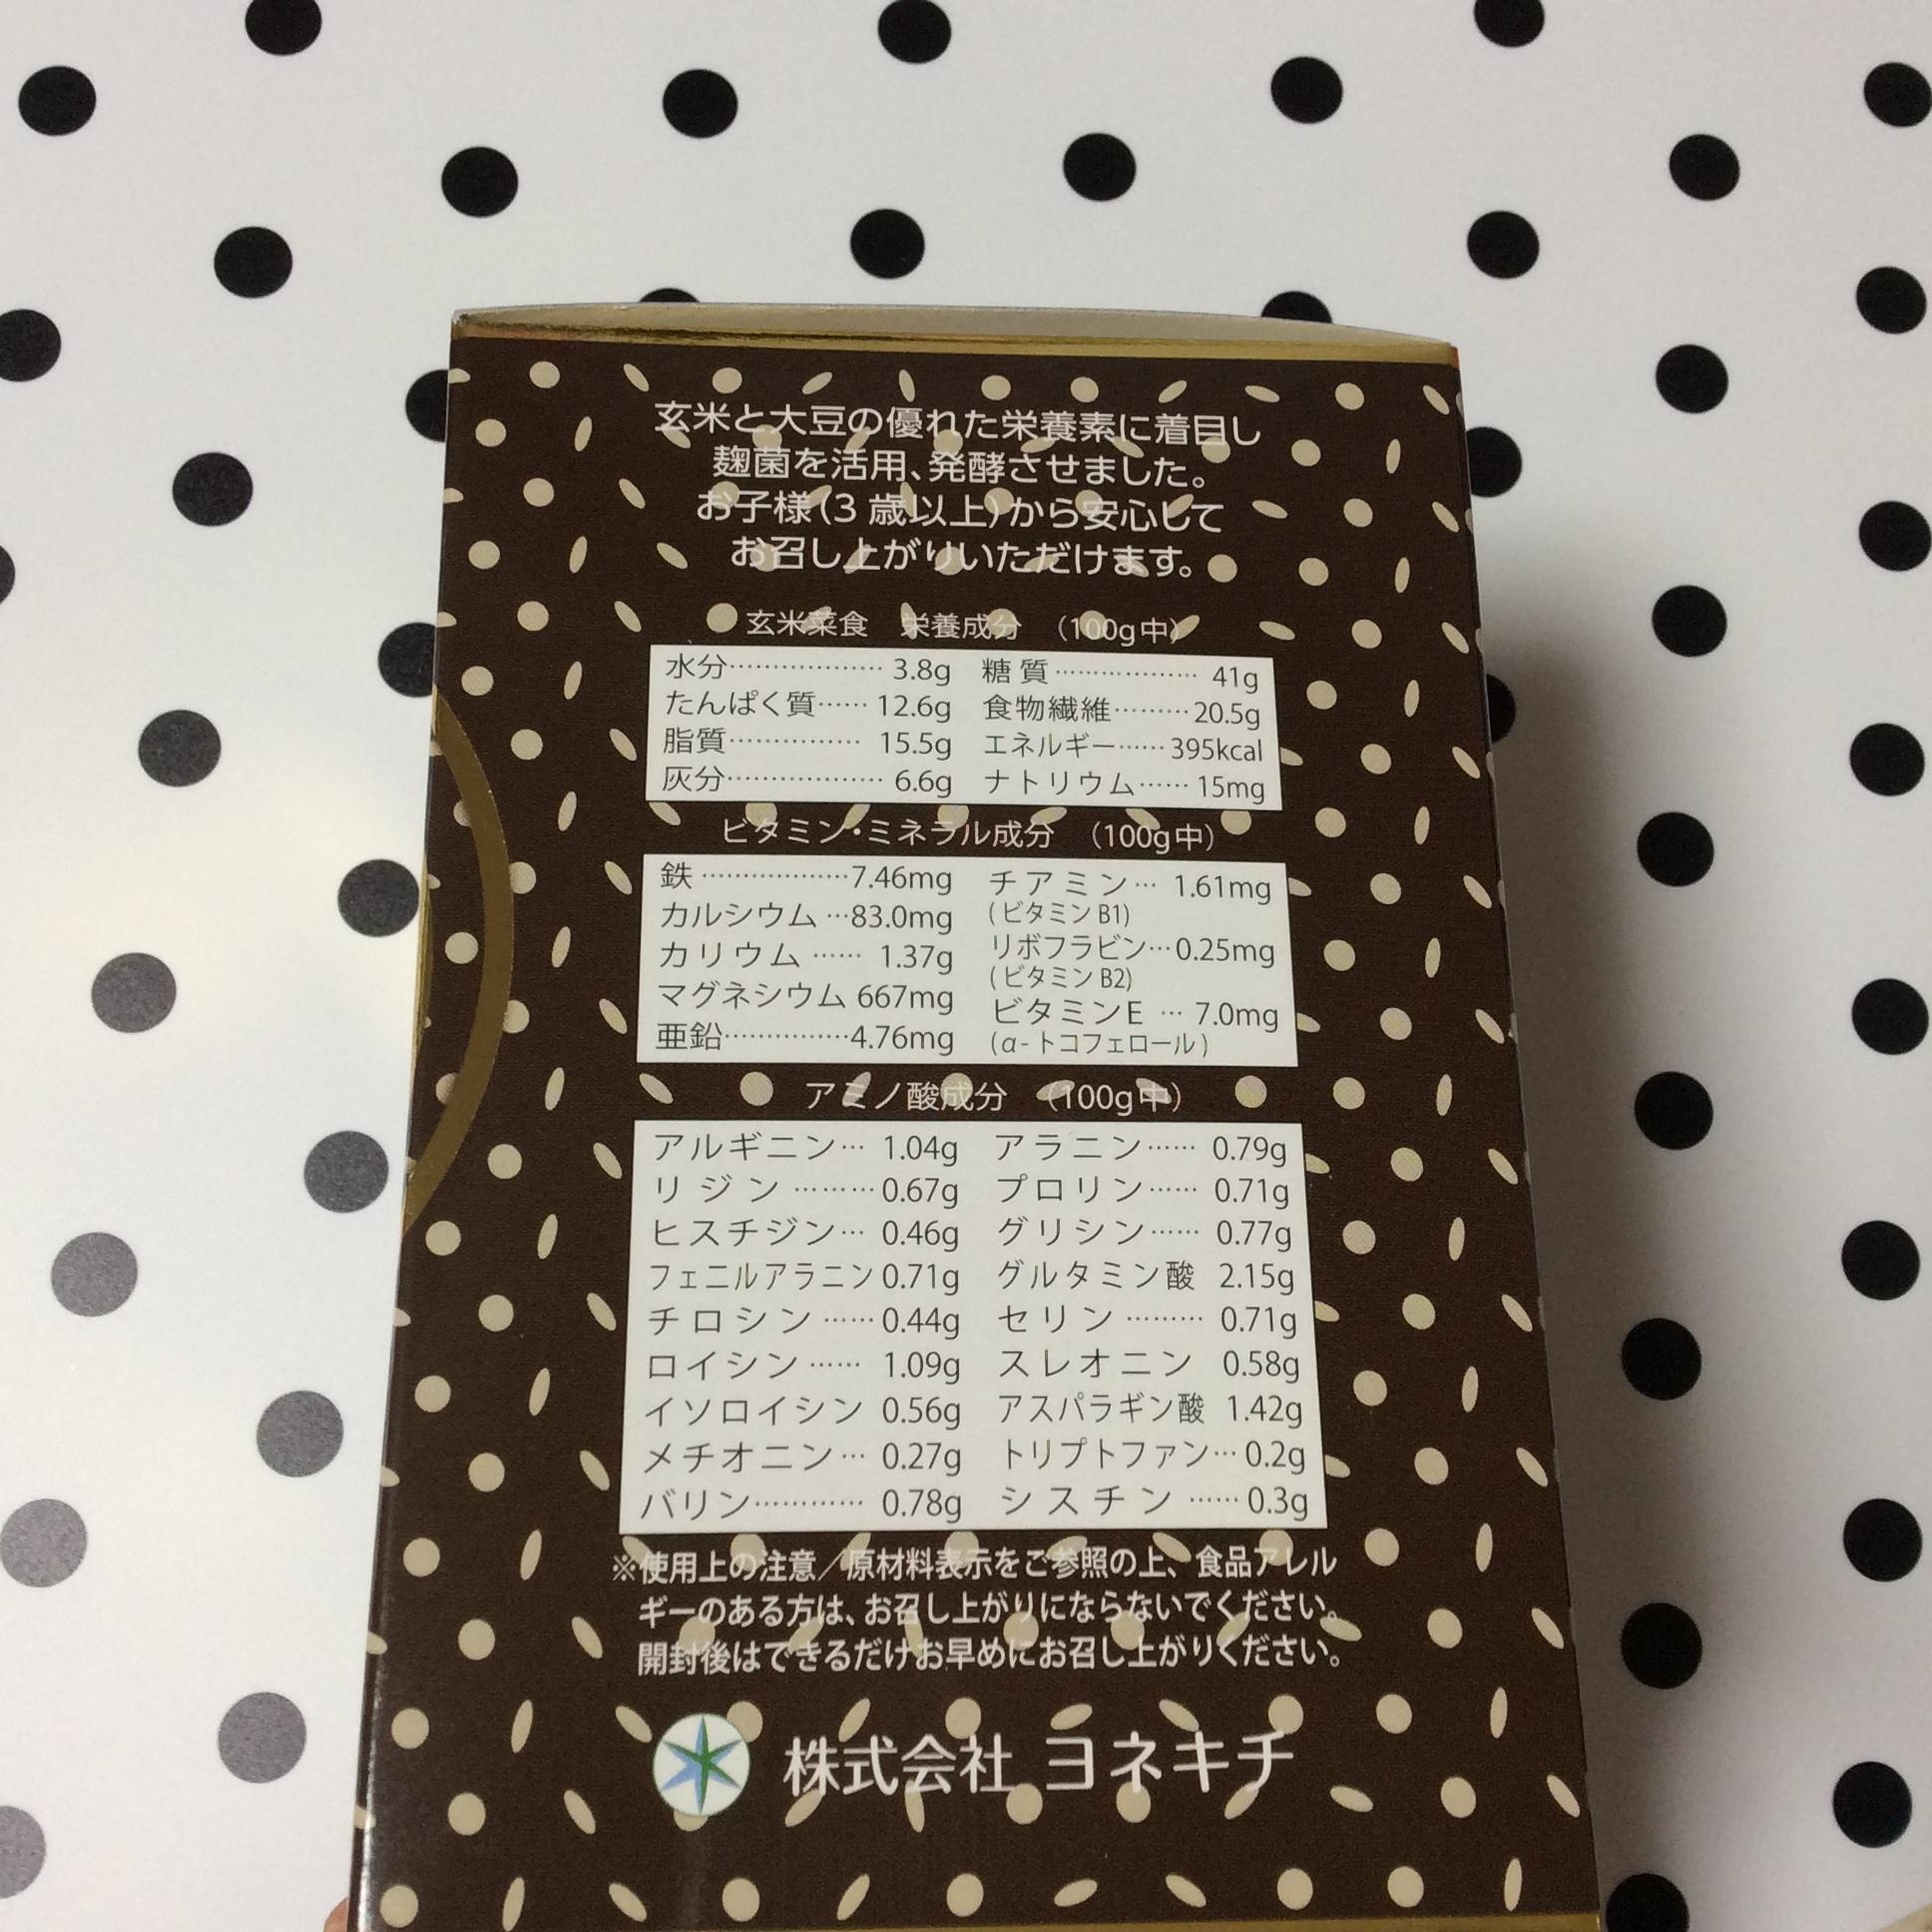 CB7E78B5-D04B-4487-AC11-745033DAA053.jpeg